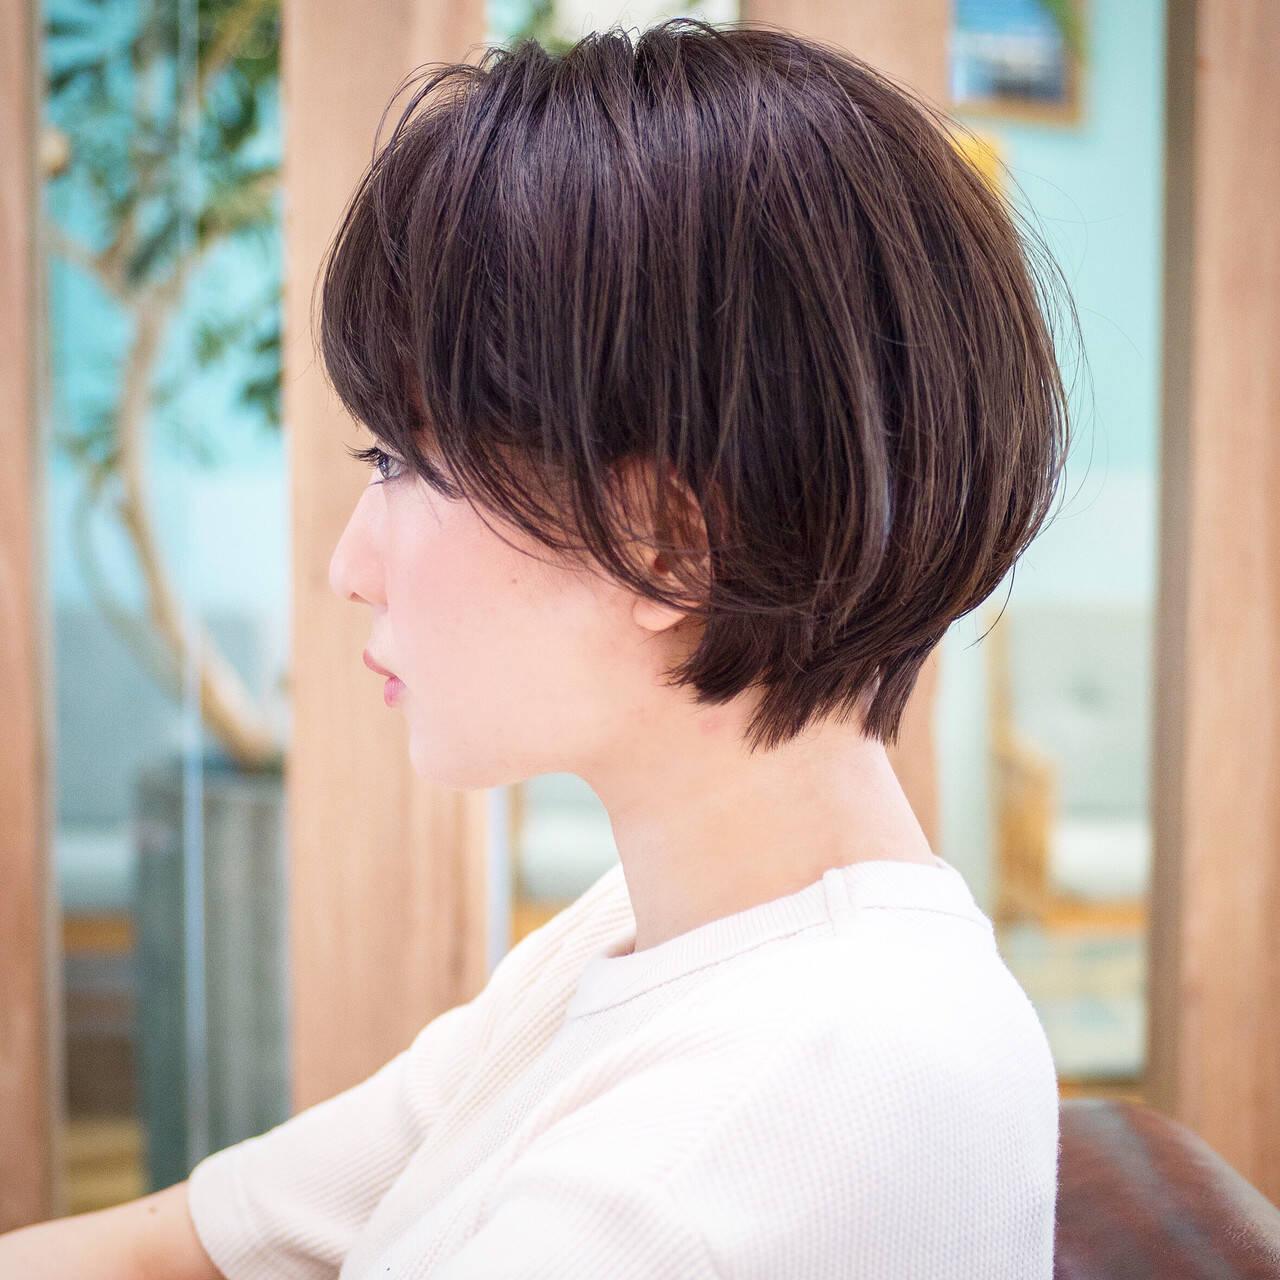 ナチュラル ショートカット ショート ショートボブヘアスタイルや髪型の写真・画像